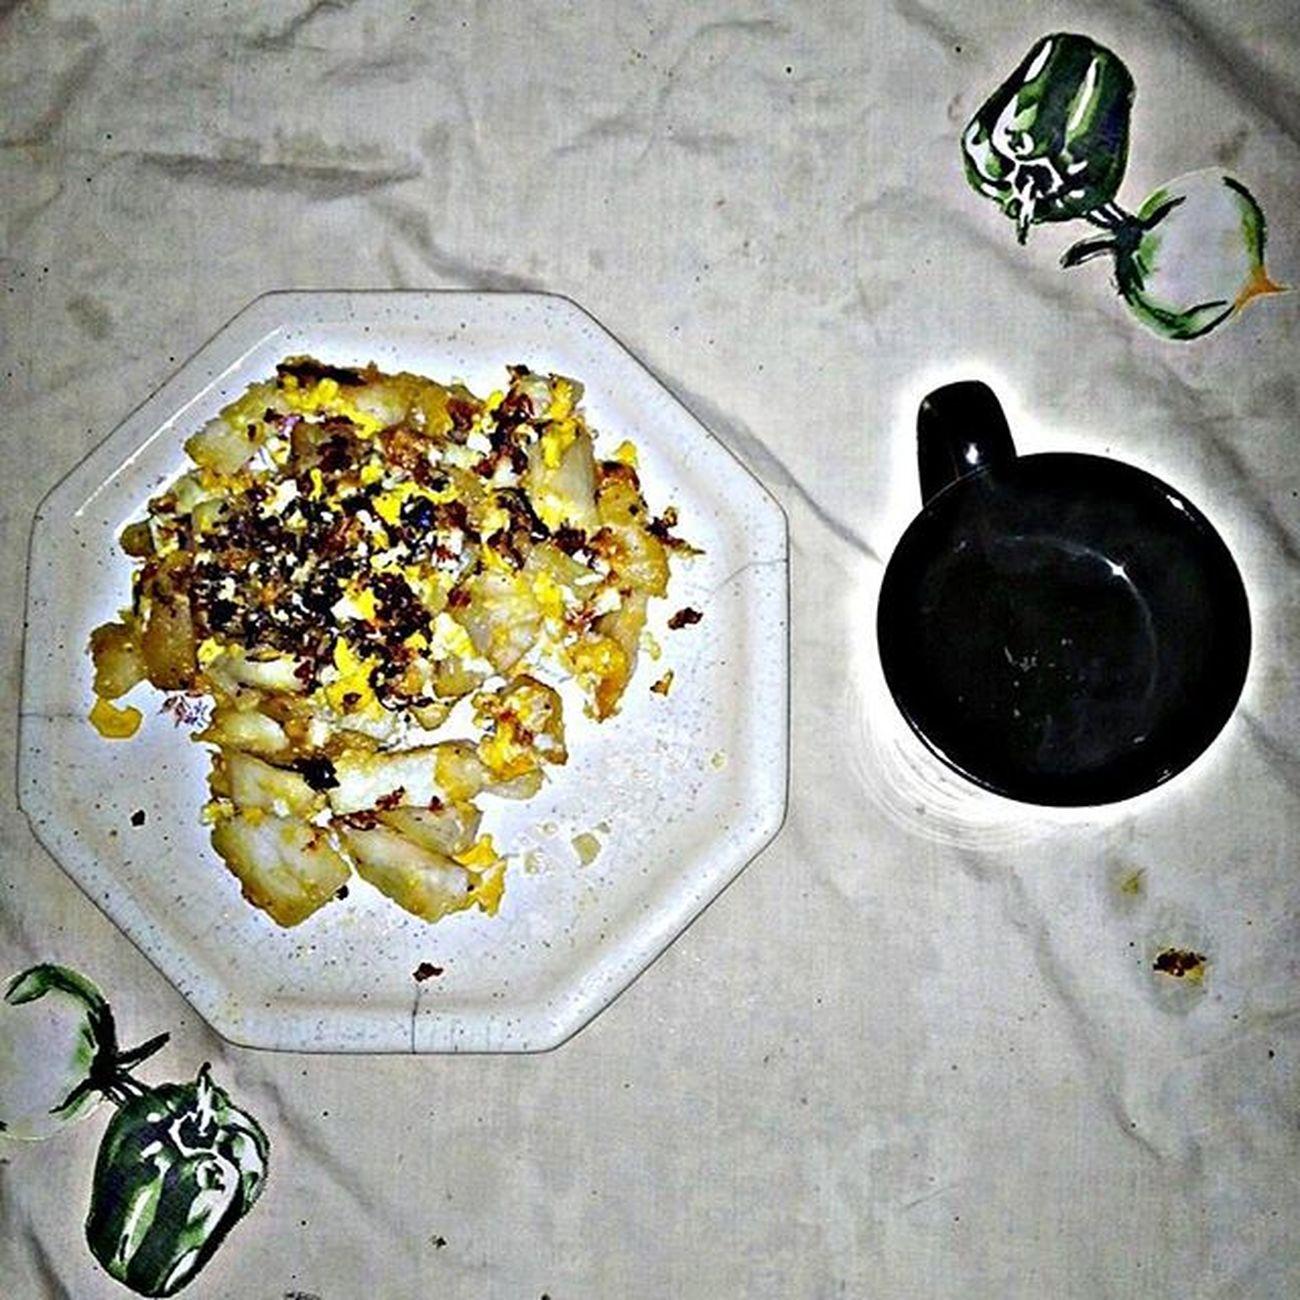 HoodMawnin This is my nut breakfast. Wake n bake. WMg